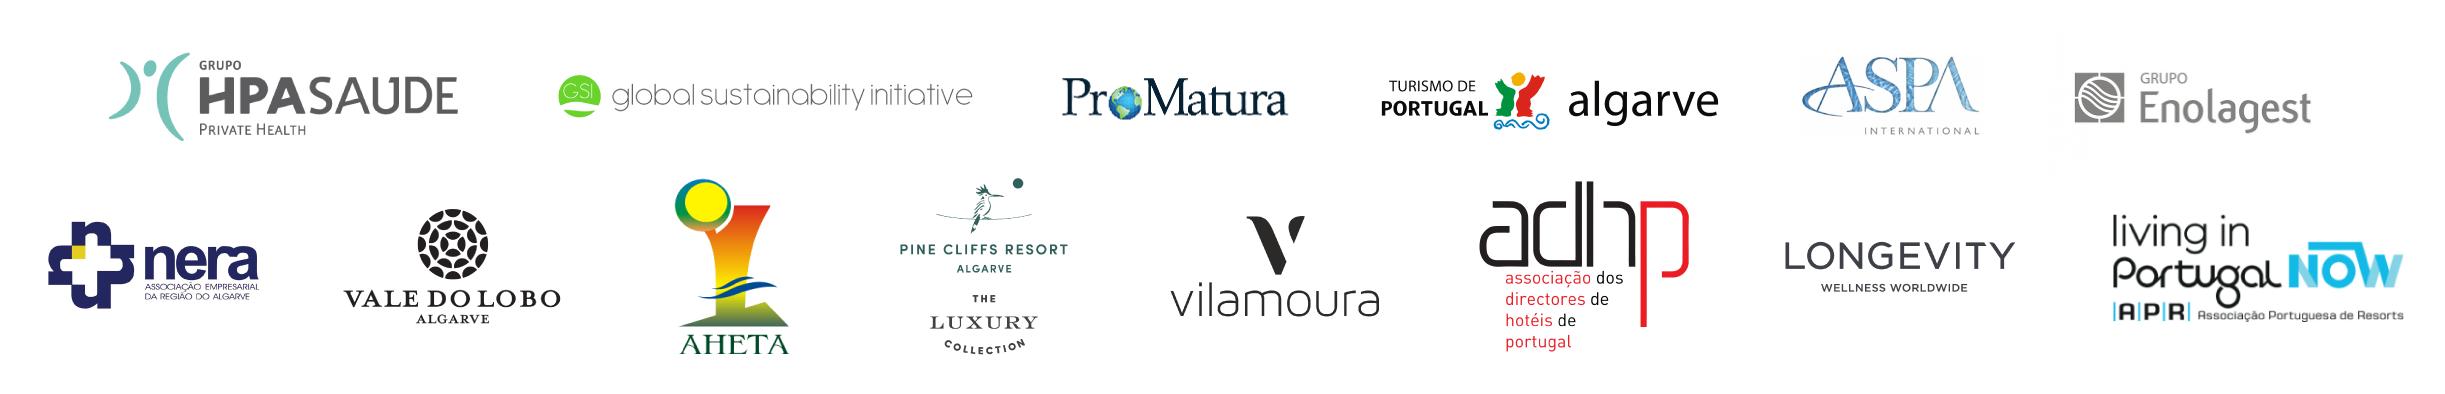 ATC_Website-Partners-Logos.png